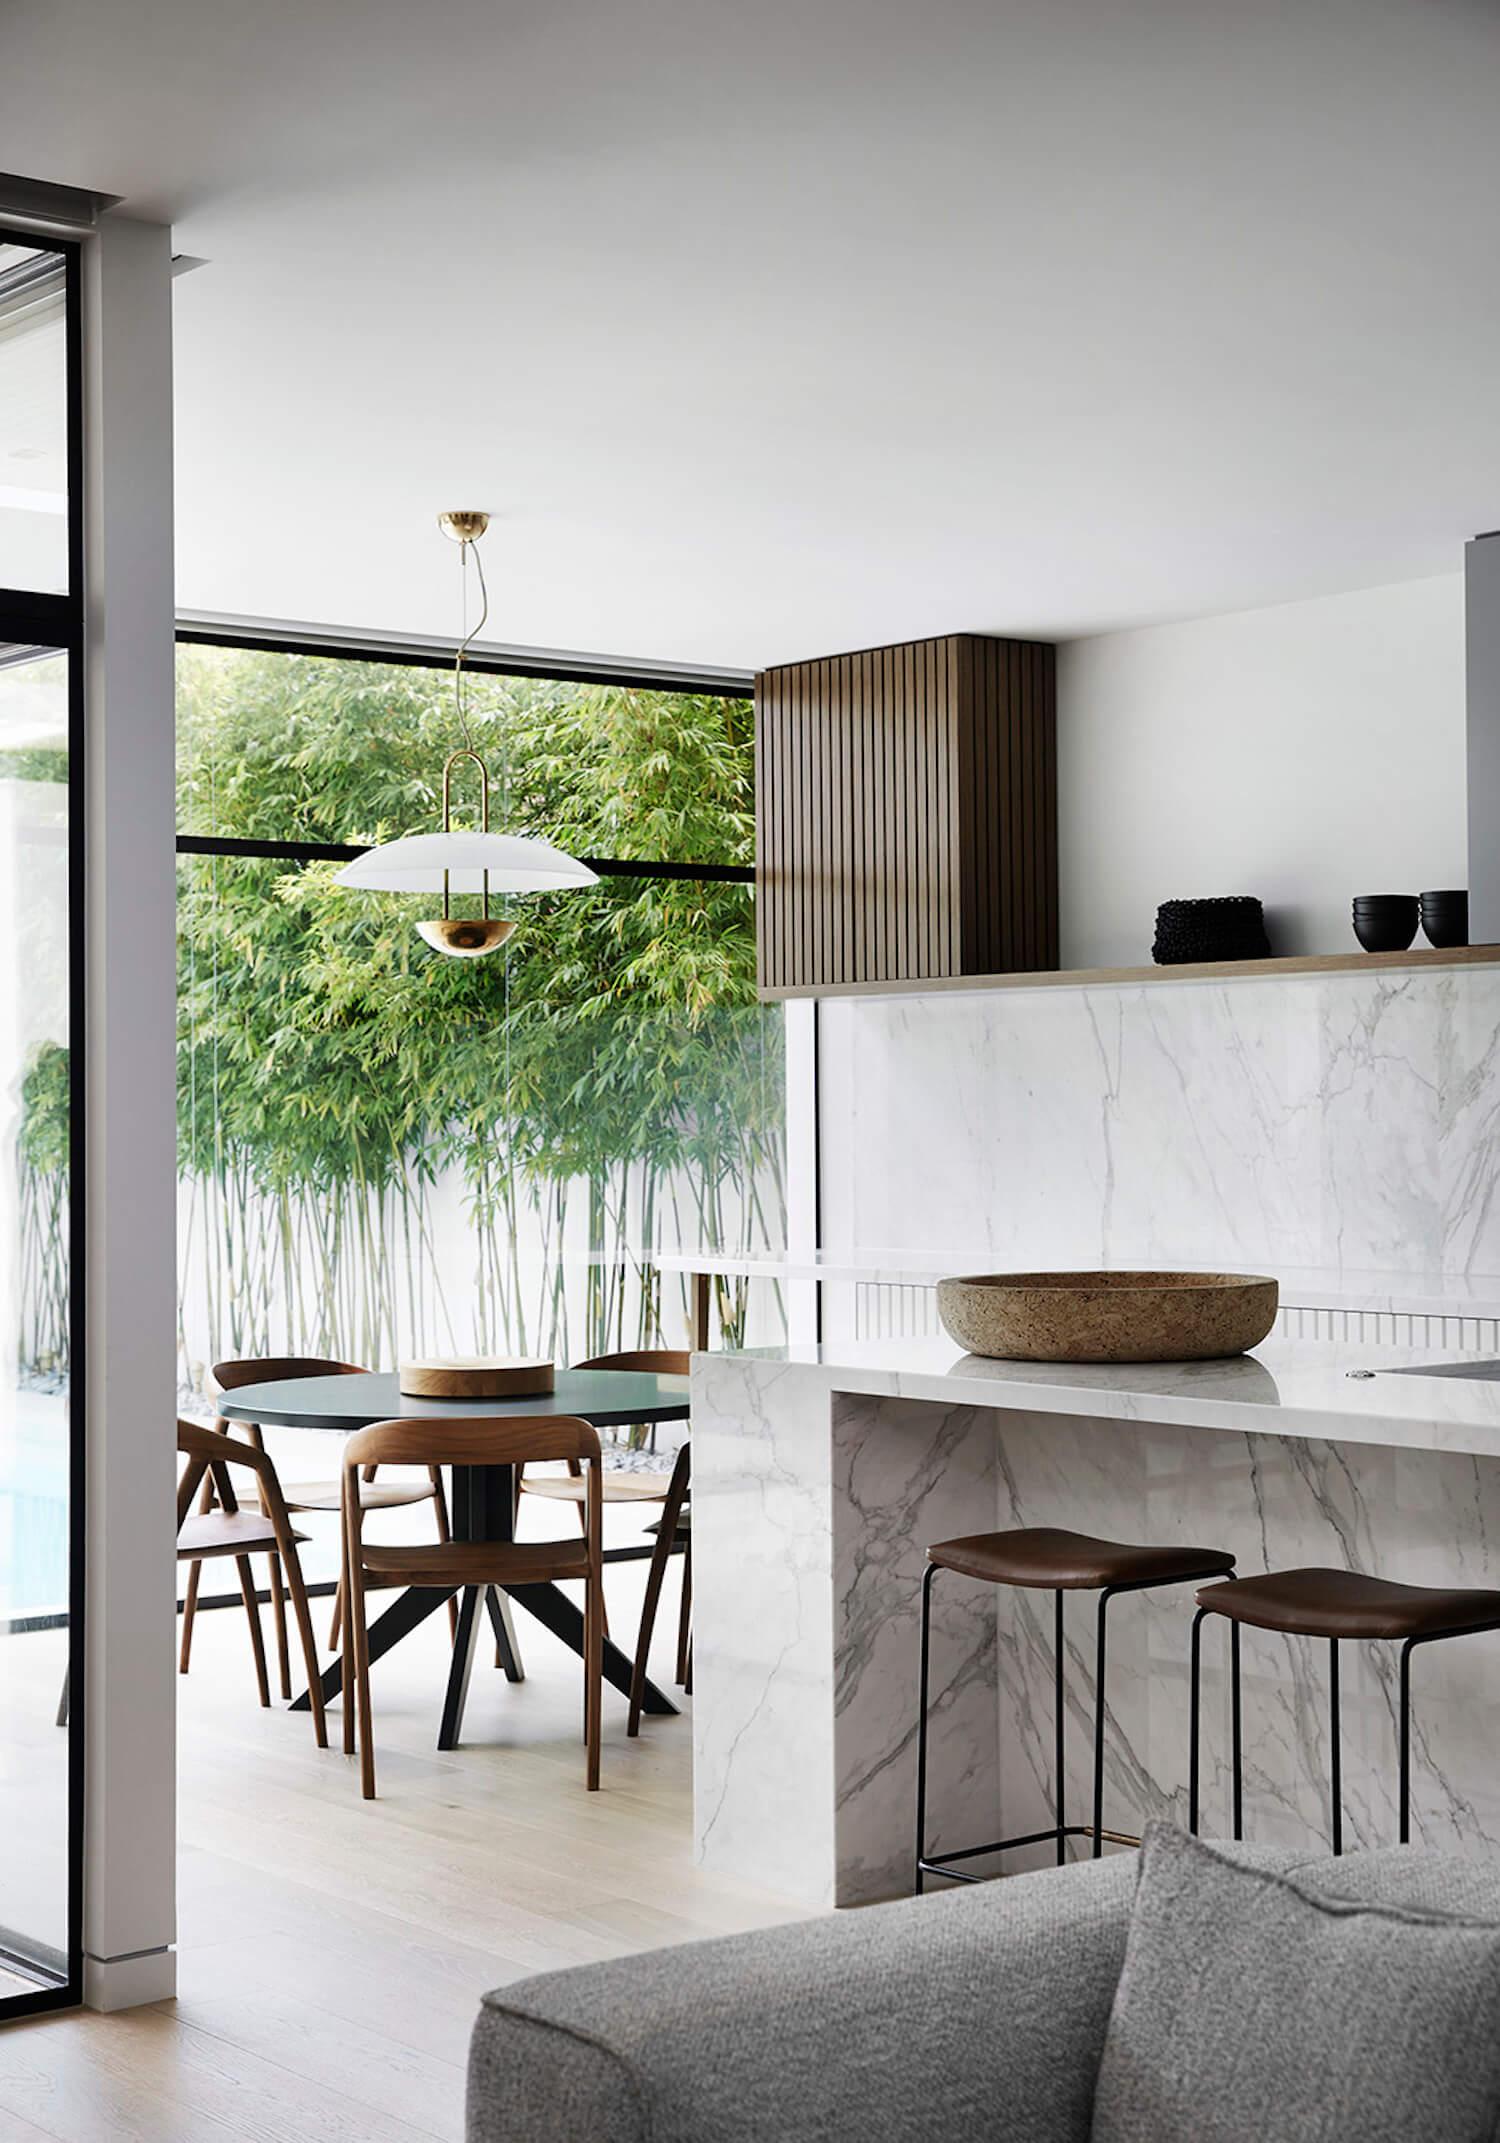 est living mim design caulfield home sharyn cairns 9